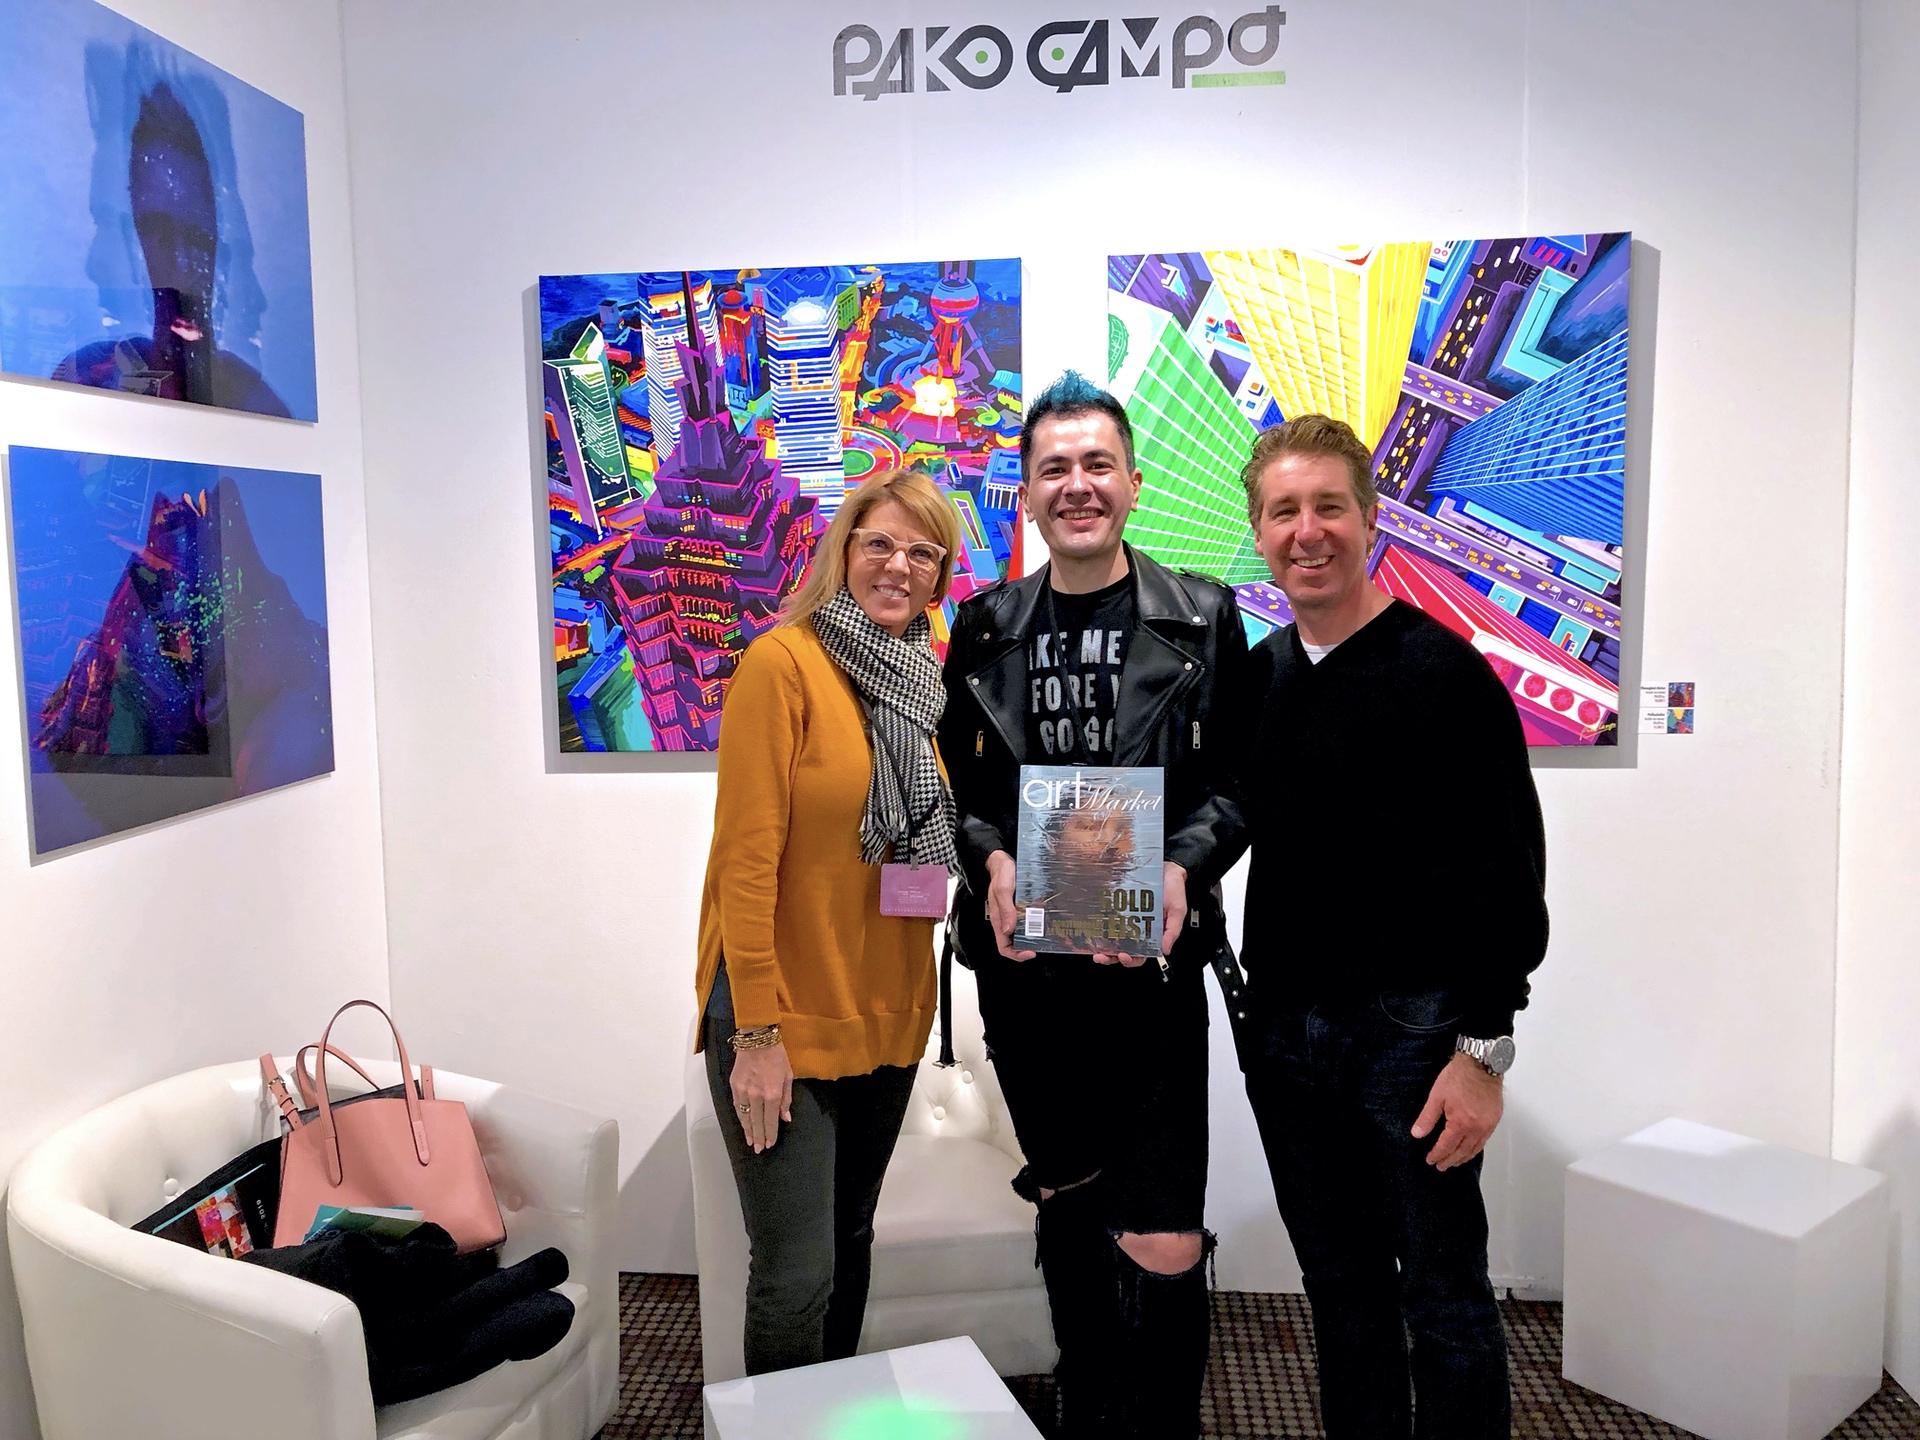 El artista de La Rioja Pako Campo triunfa en Nueva York (Rioja2)